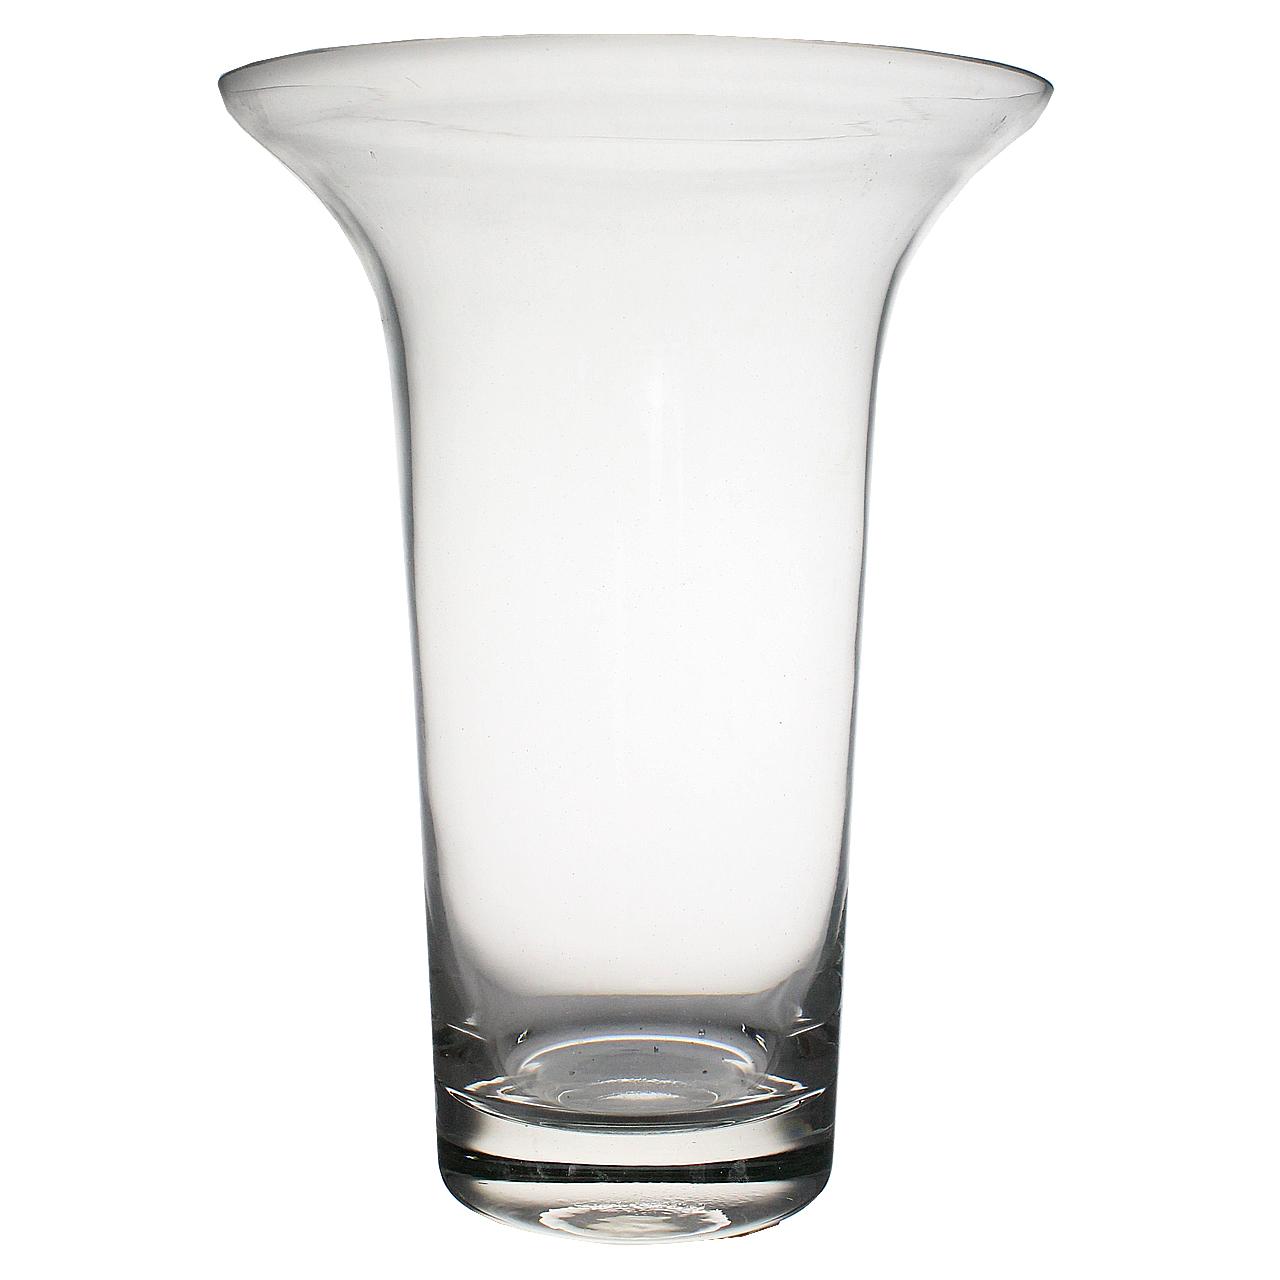 Vaza Cu Gat Larg Din Sticla 26 Cm